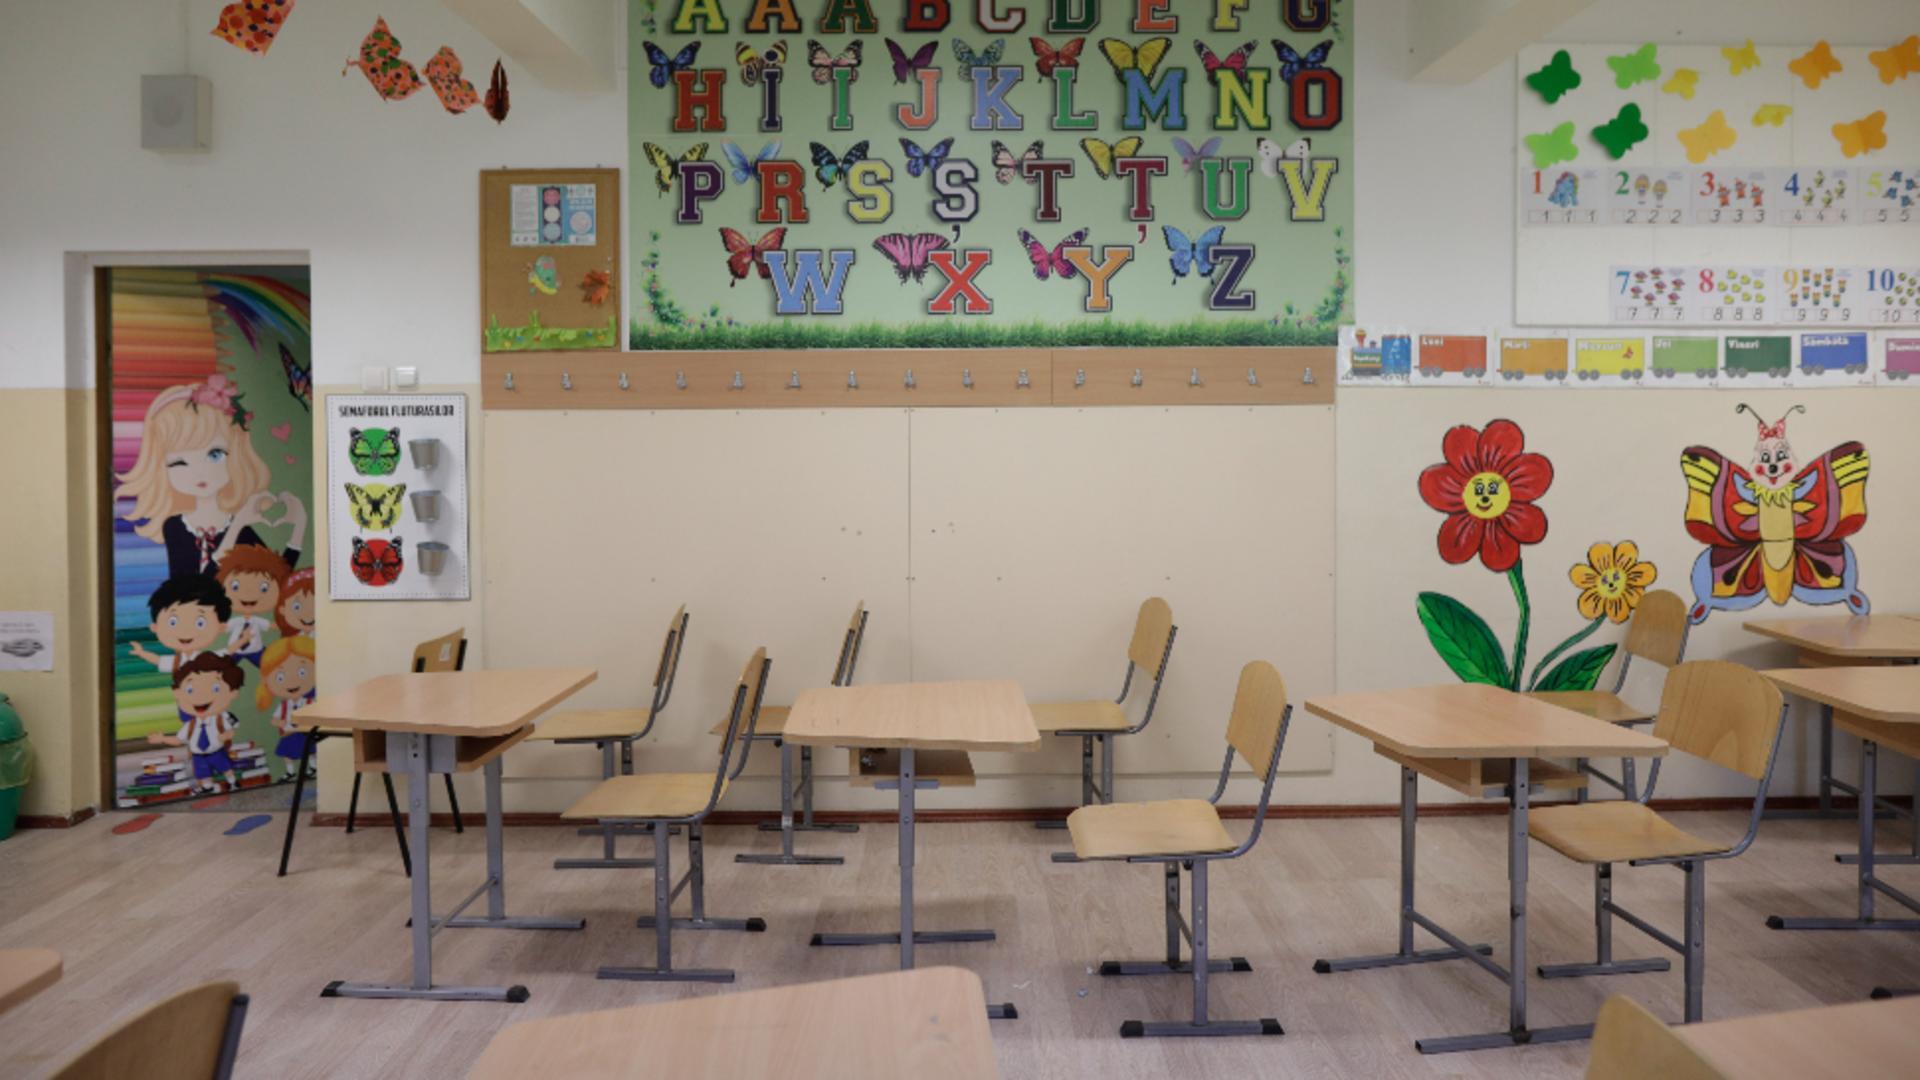 Astăzi începe noul an școlar: prezența fizică în aproape toată țara / Foto: Inquam Photos